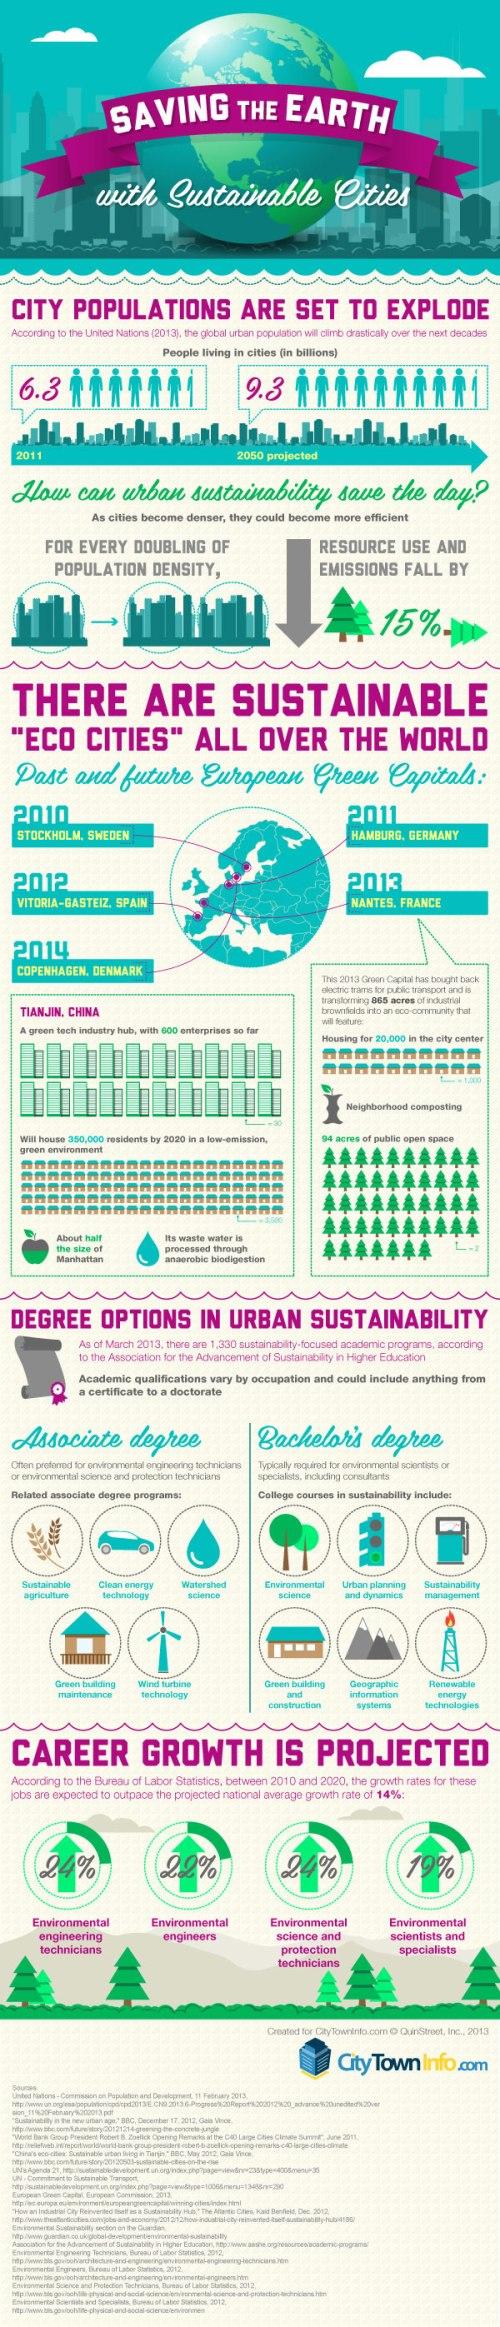 2013-04-xx_citytowninfo_infographic_urban_sustainability